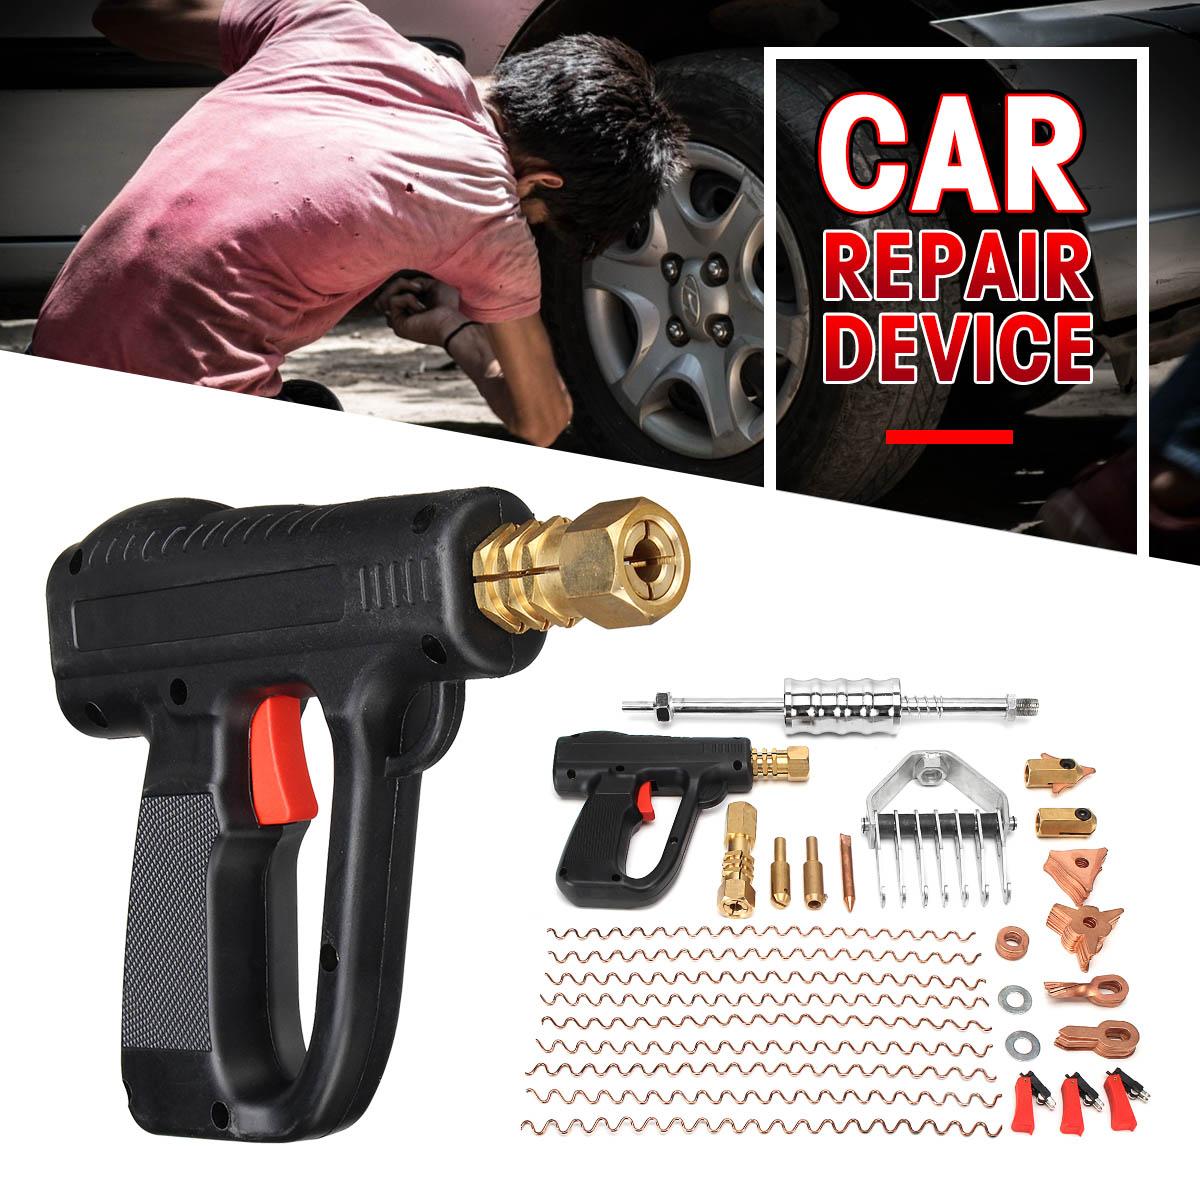 66 шт./компл. Dent Repair Puller комплект автомобиля инструменты ручной средства ухода за кожей пятно пистолеты мини сварочный аппарат авто системы К...